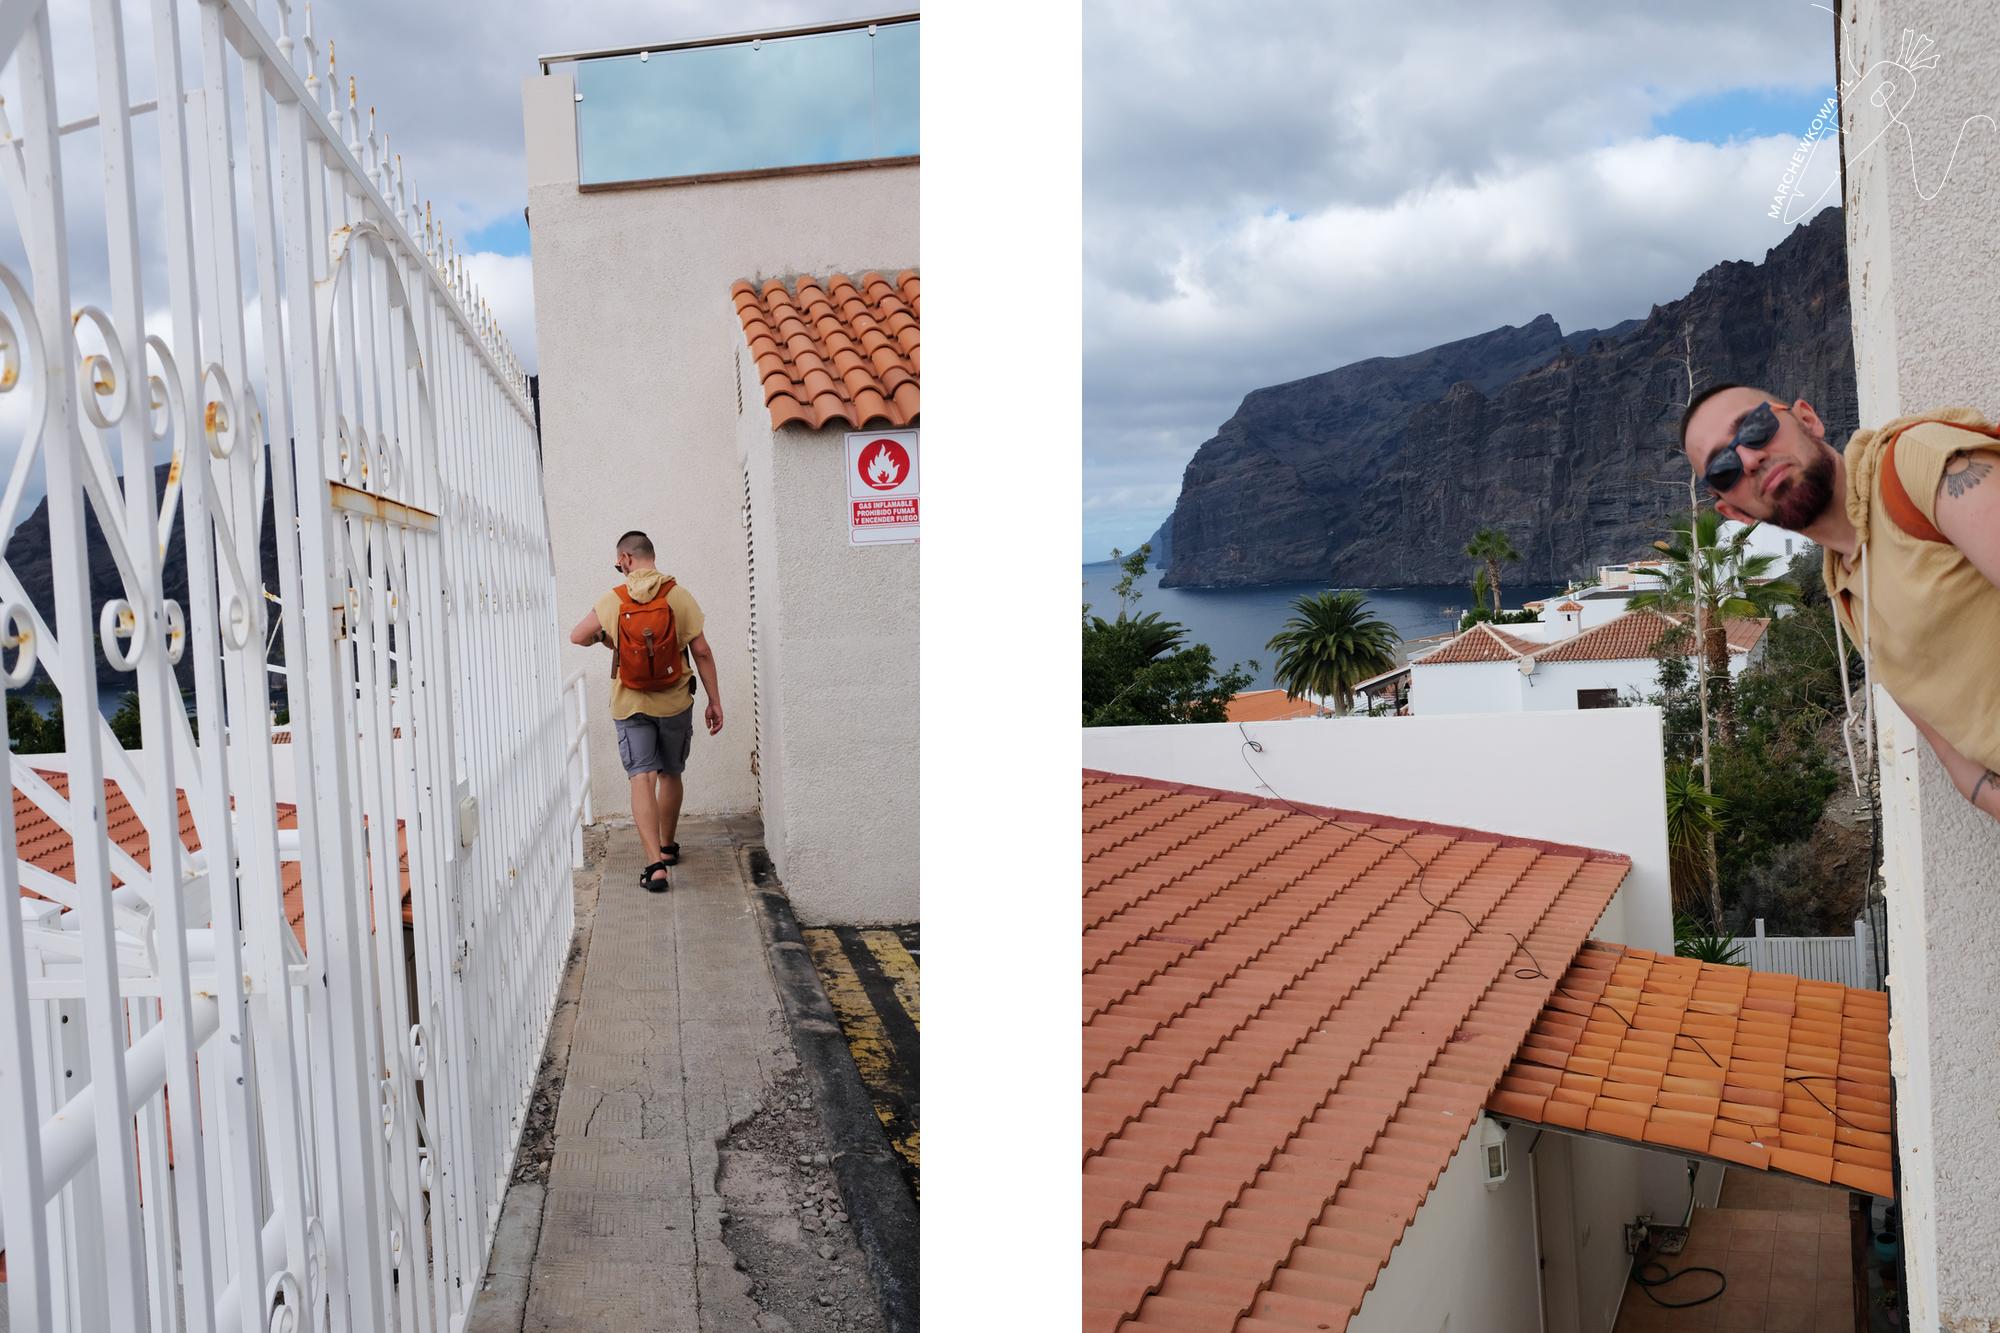 marchewkowa, blog, travel, vacation, Tenerife, urlop, wyprawa, wakacje, Teneryfa